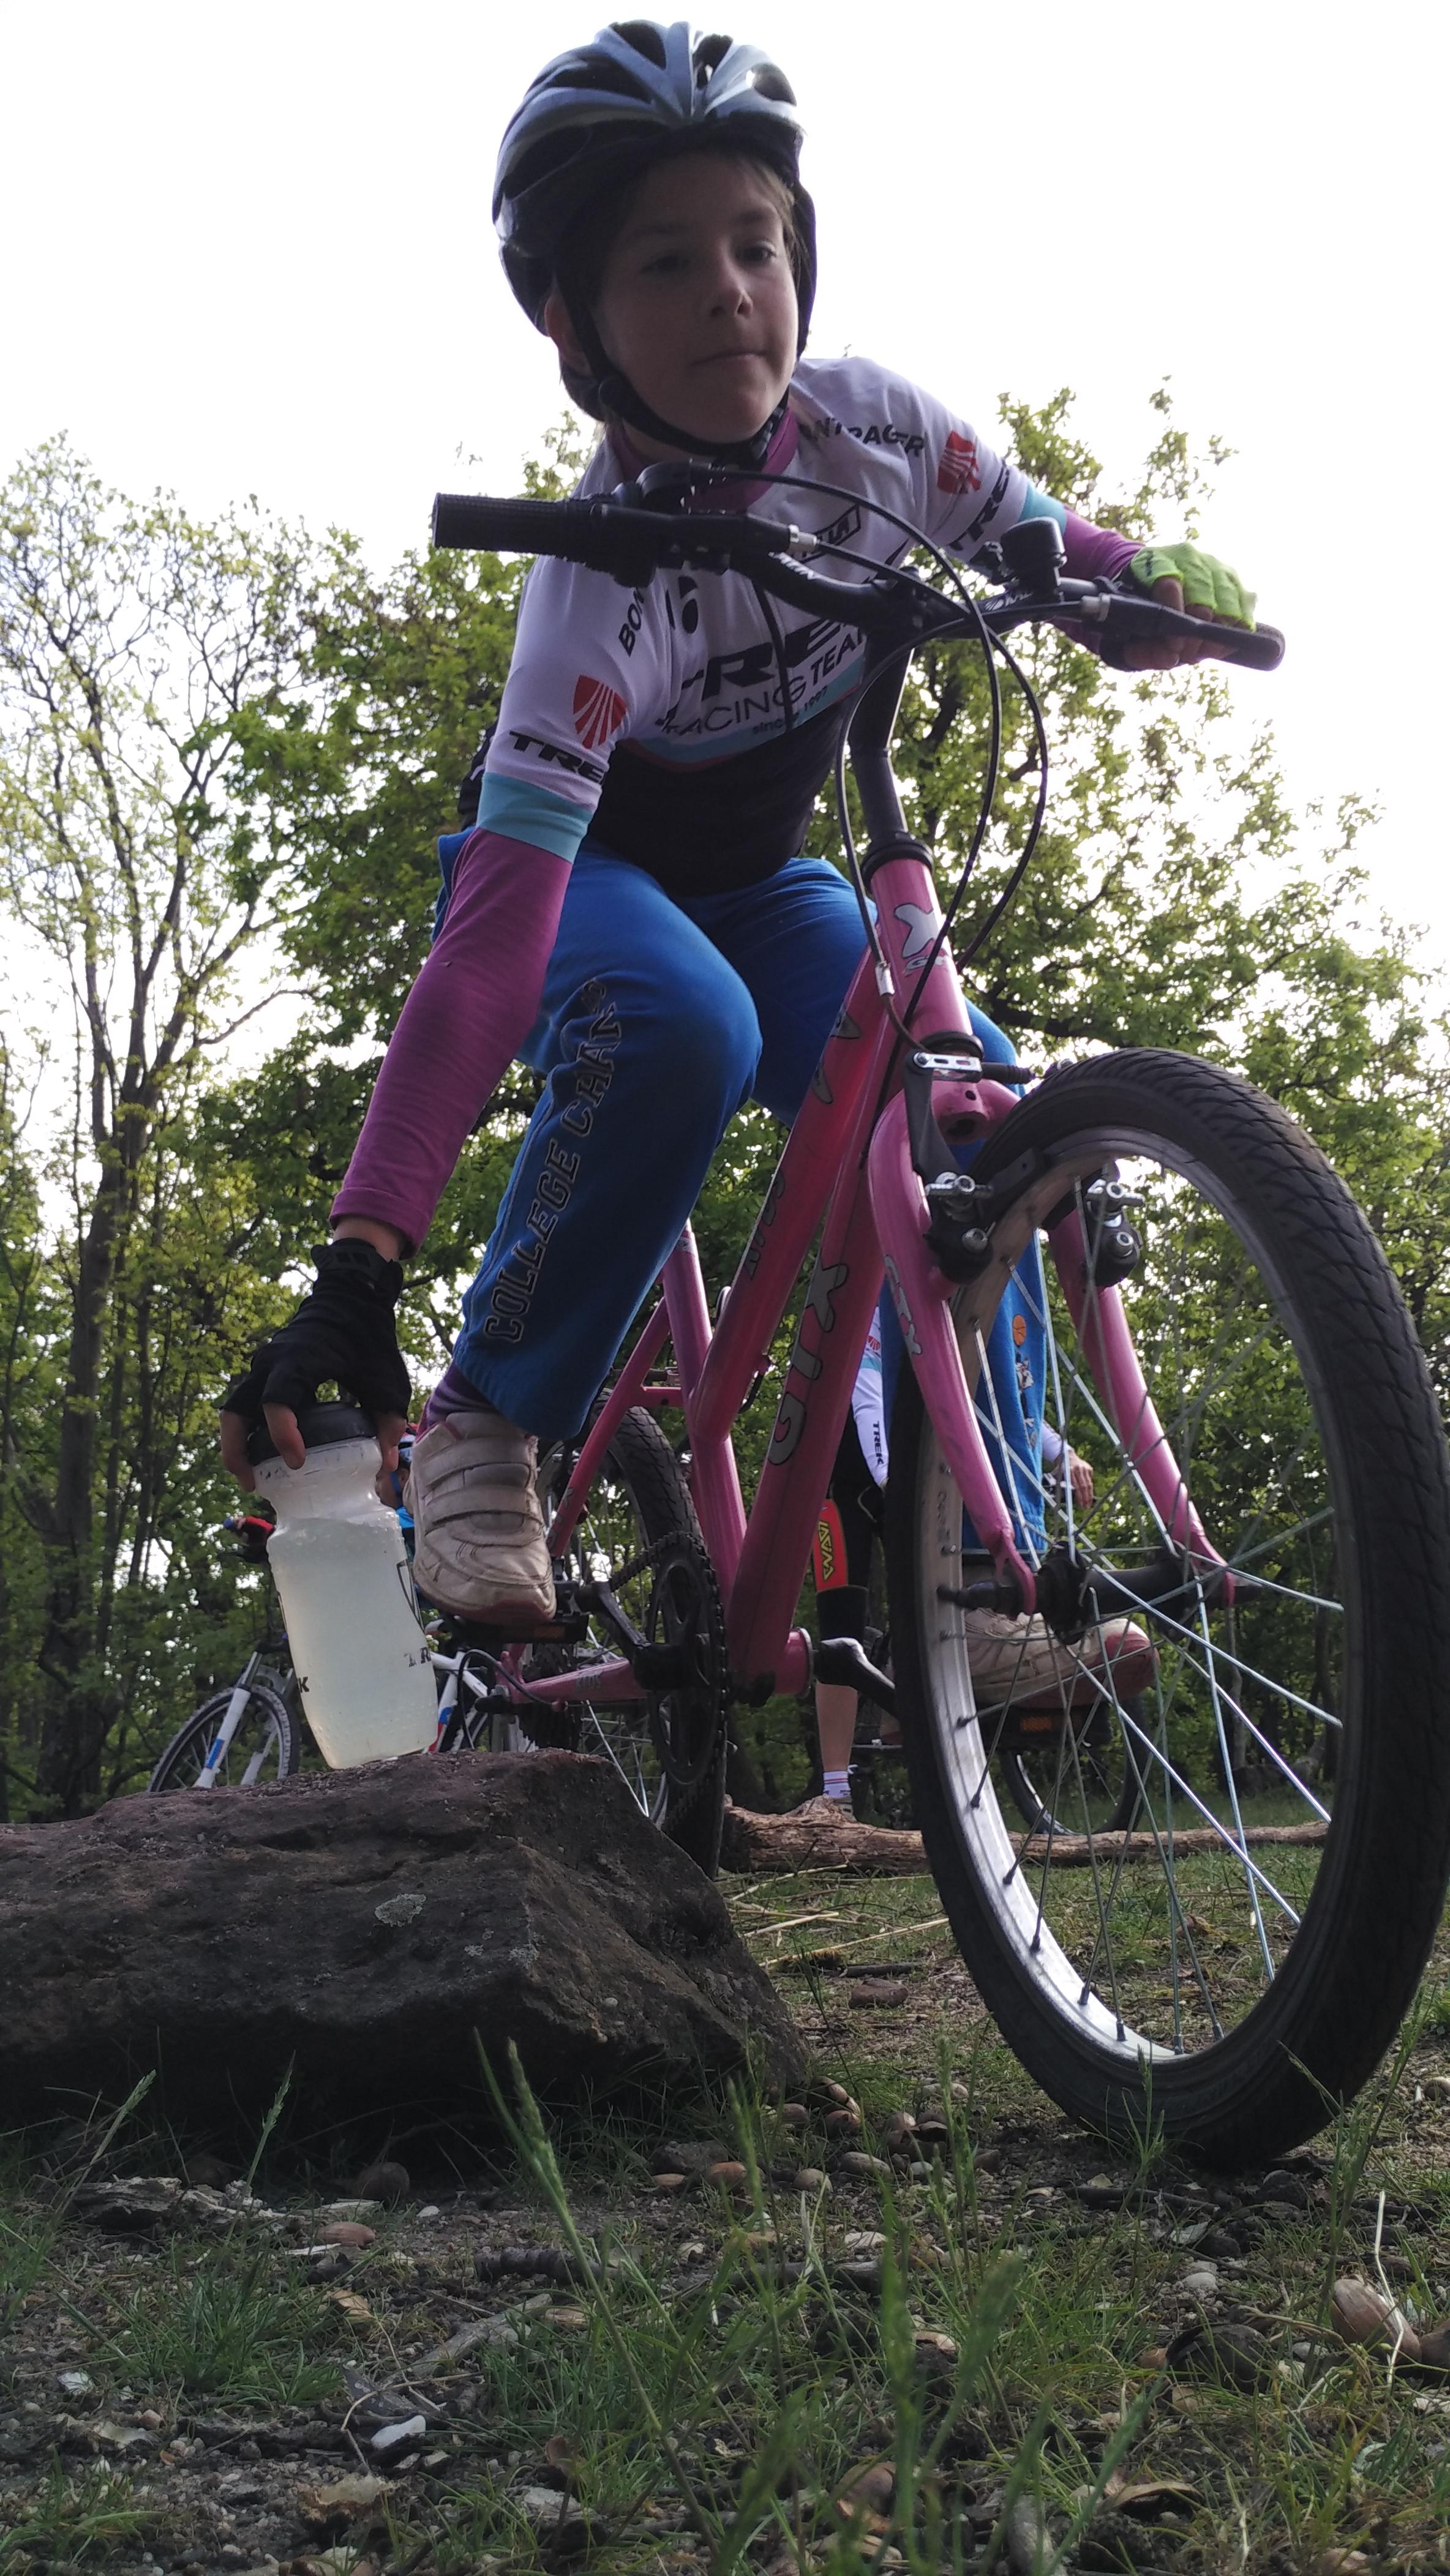 TREK Kerékpáros Gyermektábor Balatonaligán